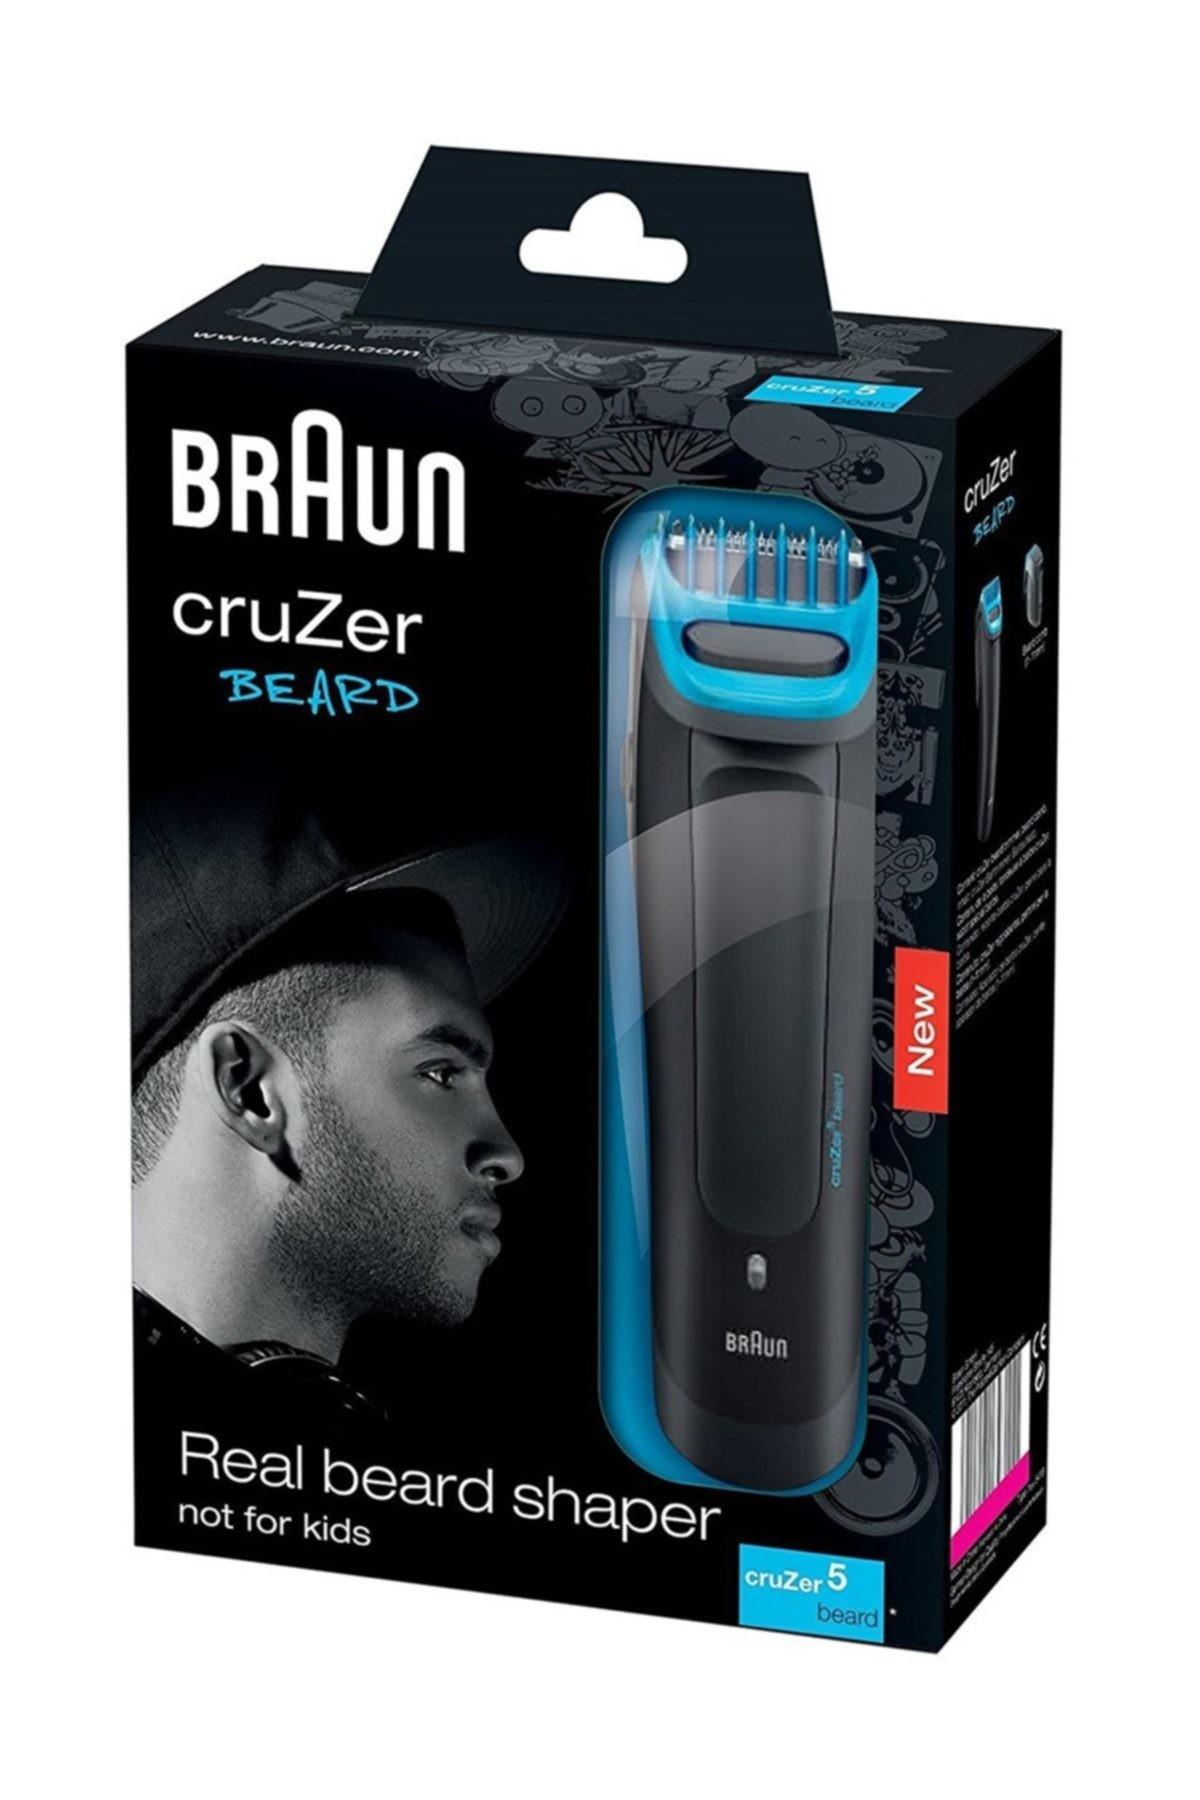 Braun Cruzer 5 Beard Sakal Tıraş ve Şekillendirme Makinesi 4210201048084 2